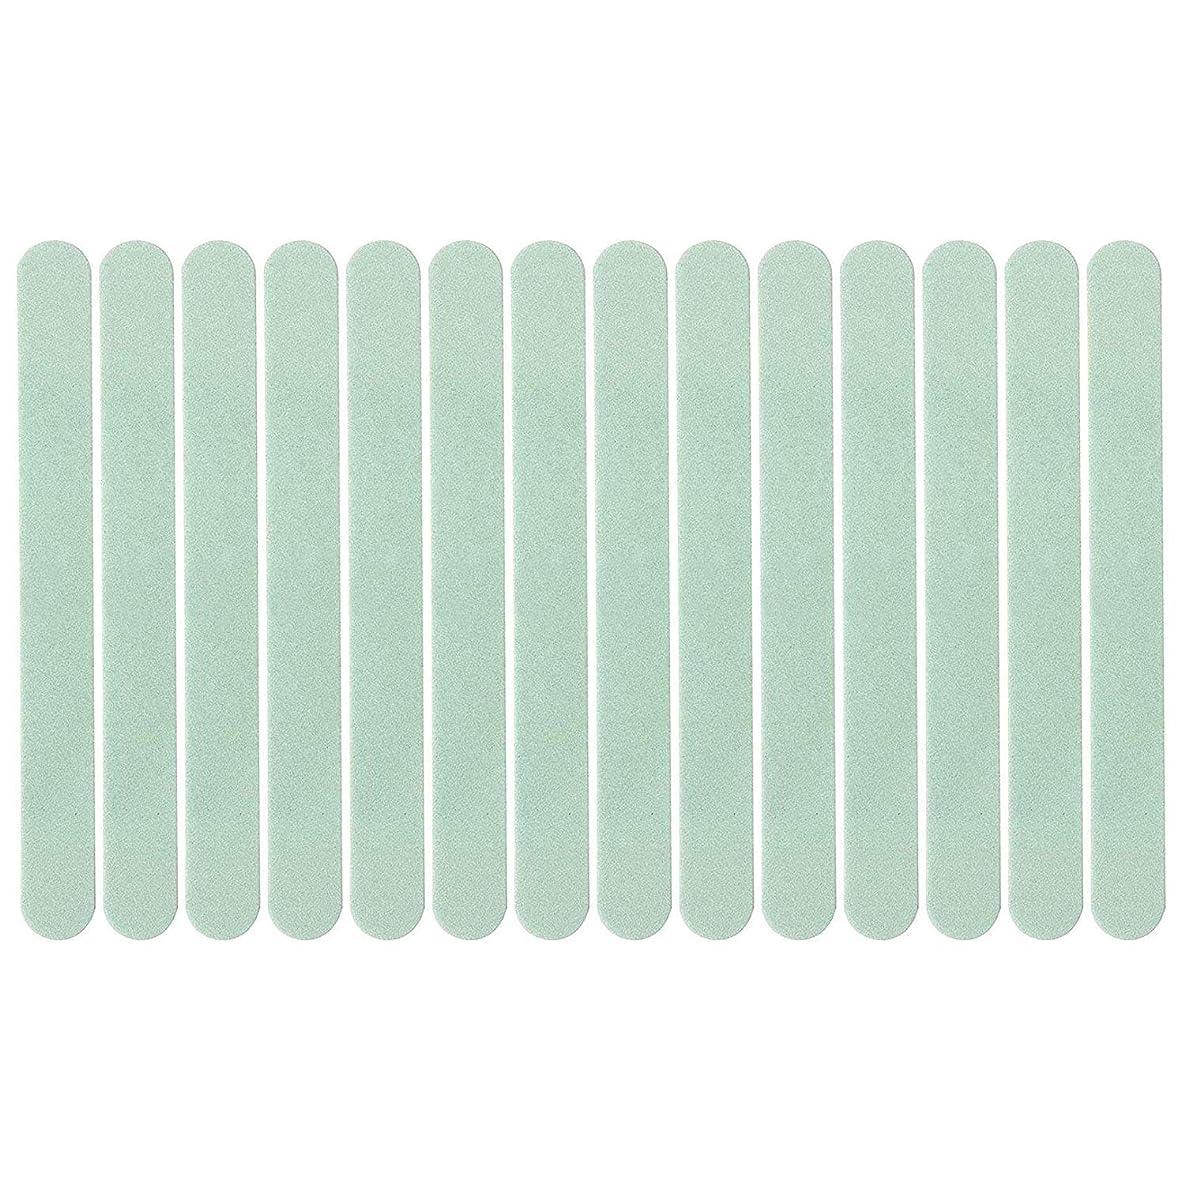 ラフトアルカイックプレミア爪 シャイナー 爪みがき ガラス製爪やすり ネイル磨き 14本 セット